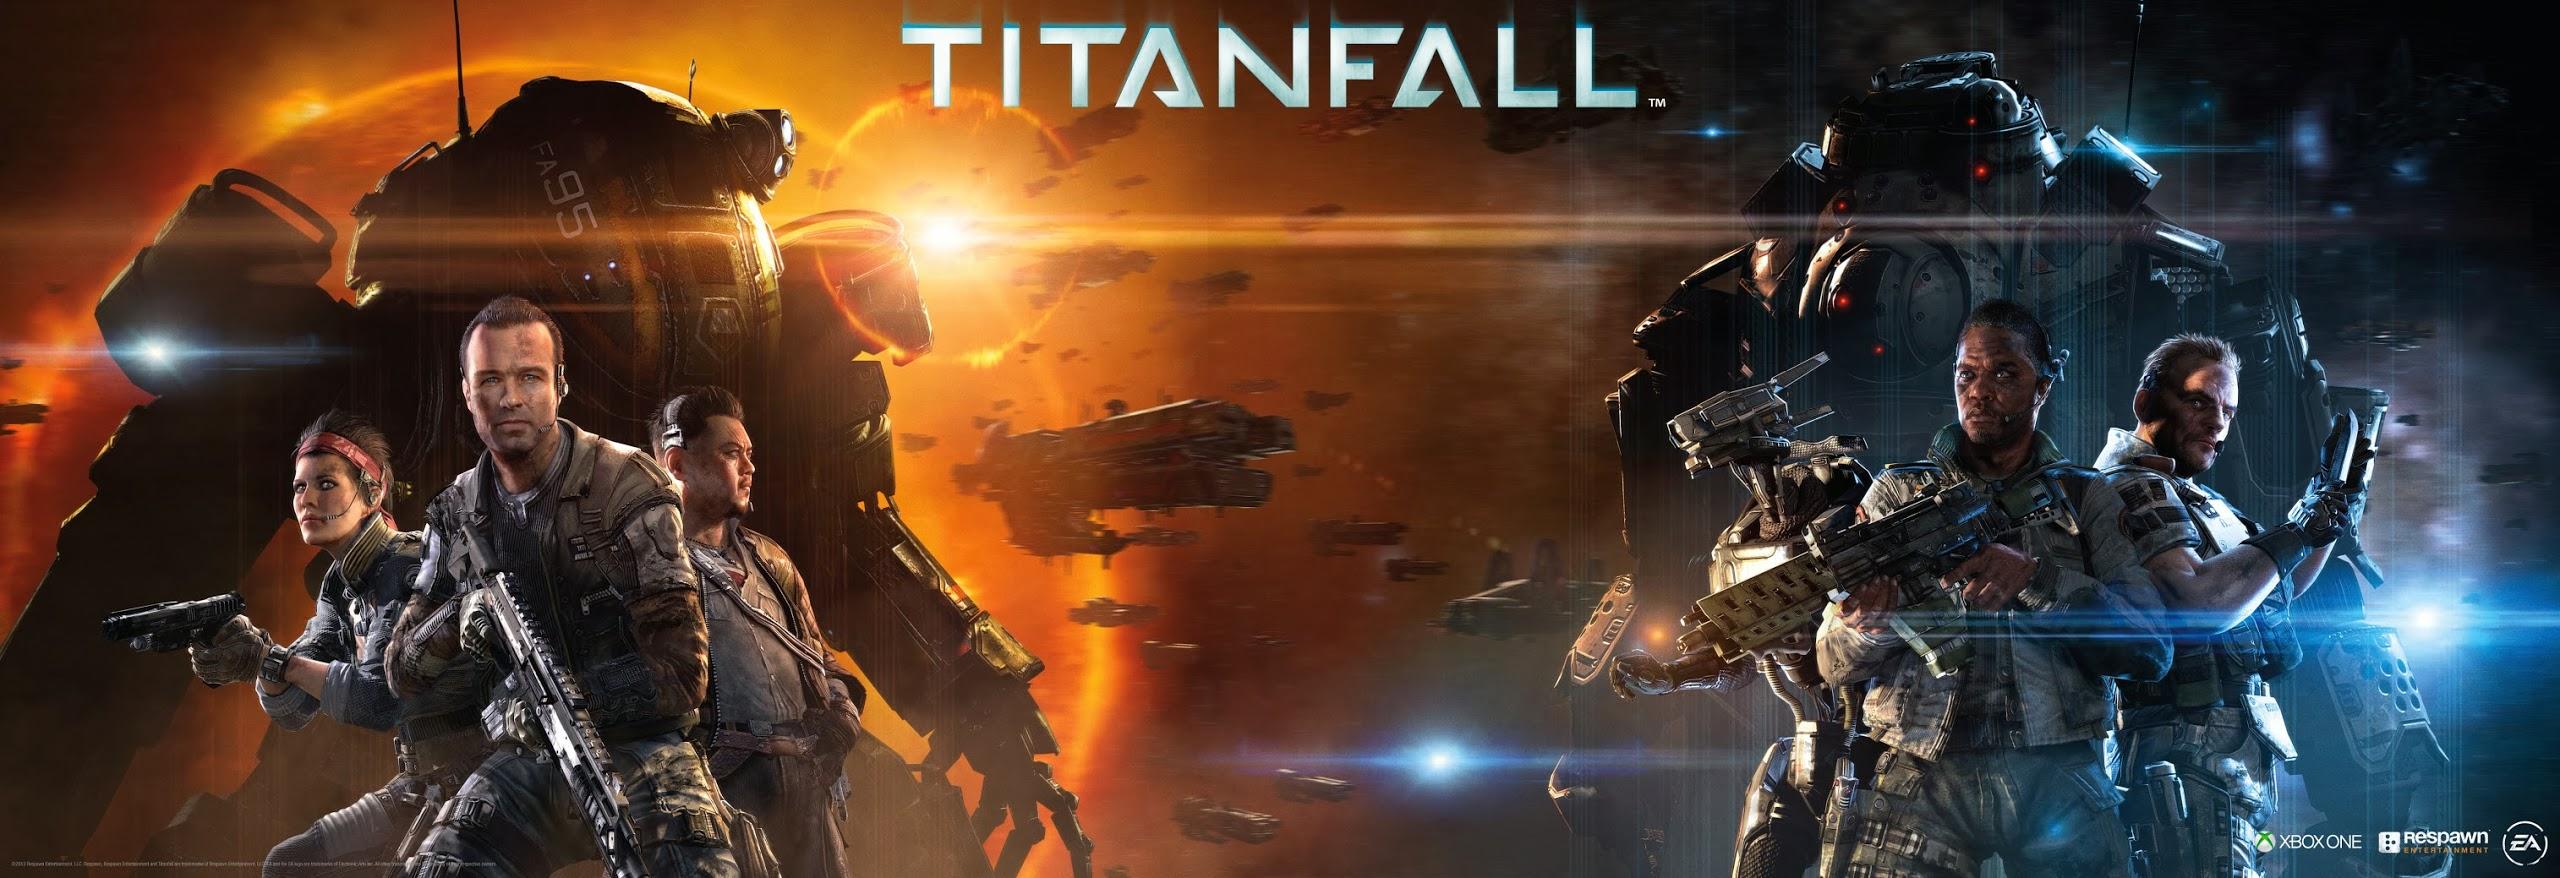 Titanfall 1/2 Club